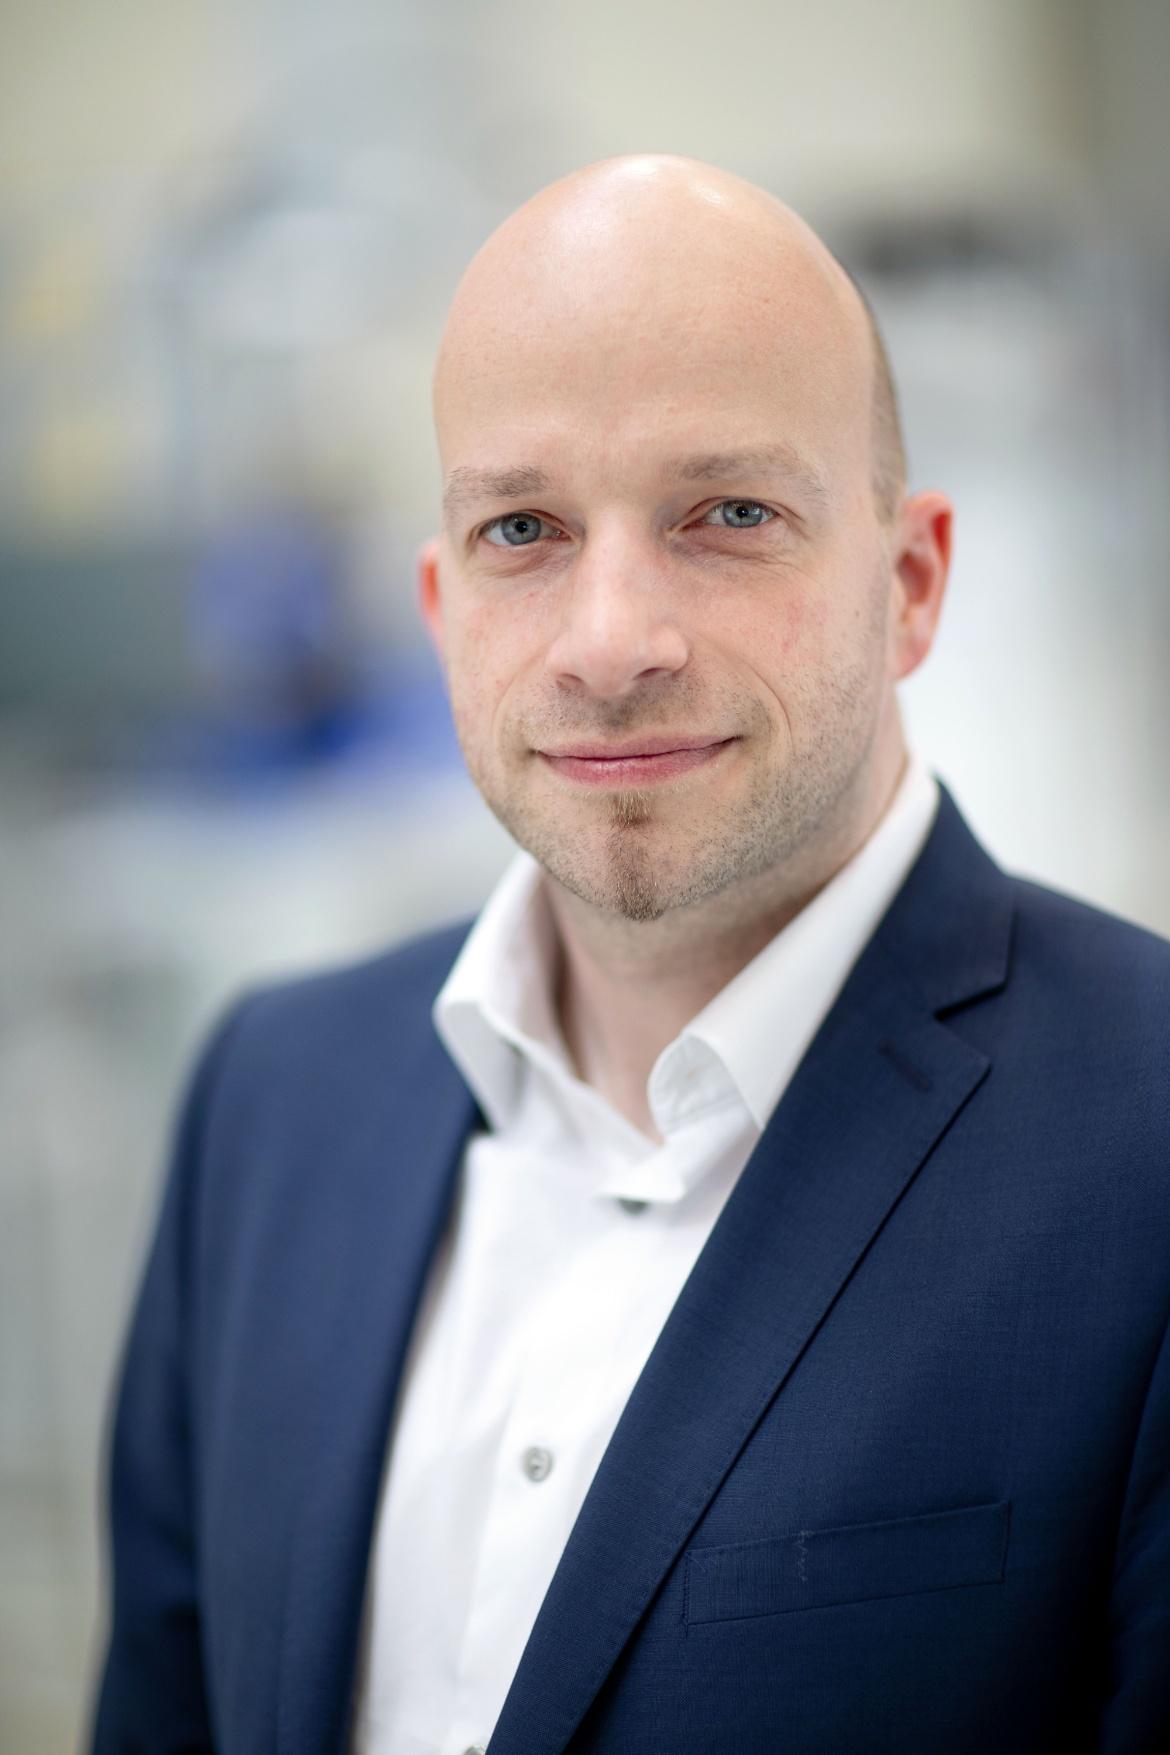 Profilepicture Prof. Marco Huber (c) University of Stuttgart/U. Regenscheit